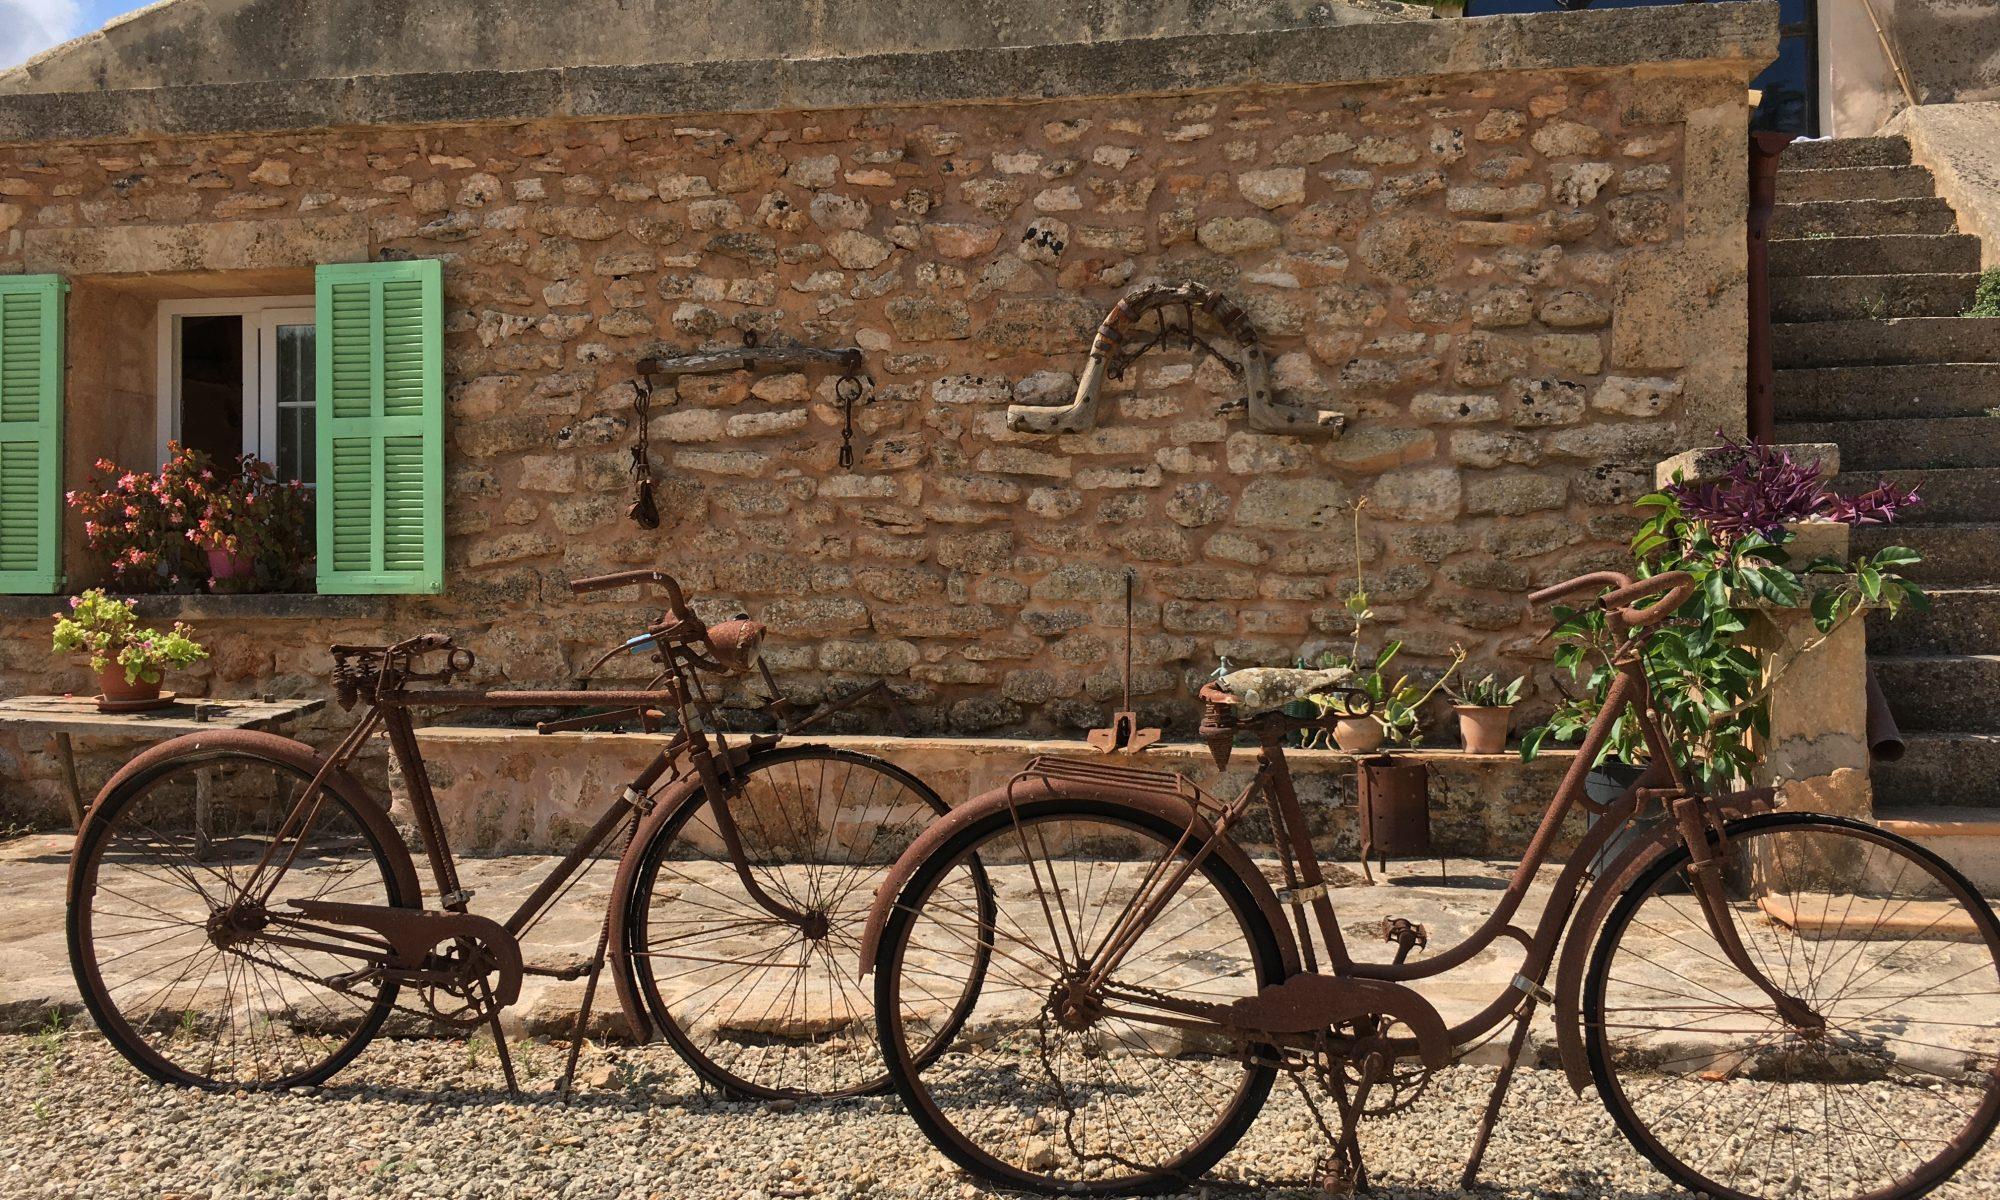 zwei Fahrräder vor einer sonnenbeschienenen Hauswand warten auf ihre Mitfahrerinnen, um gemeinsam neue Wege zu erkunden. Dabei unterstütze ich Sie gern mit systemischer Sexualtherapie und Paartherapie jetzt auf Mallorca